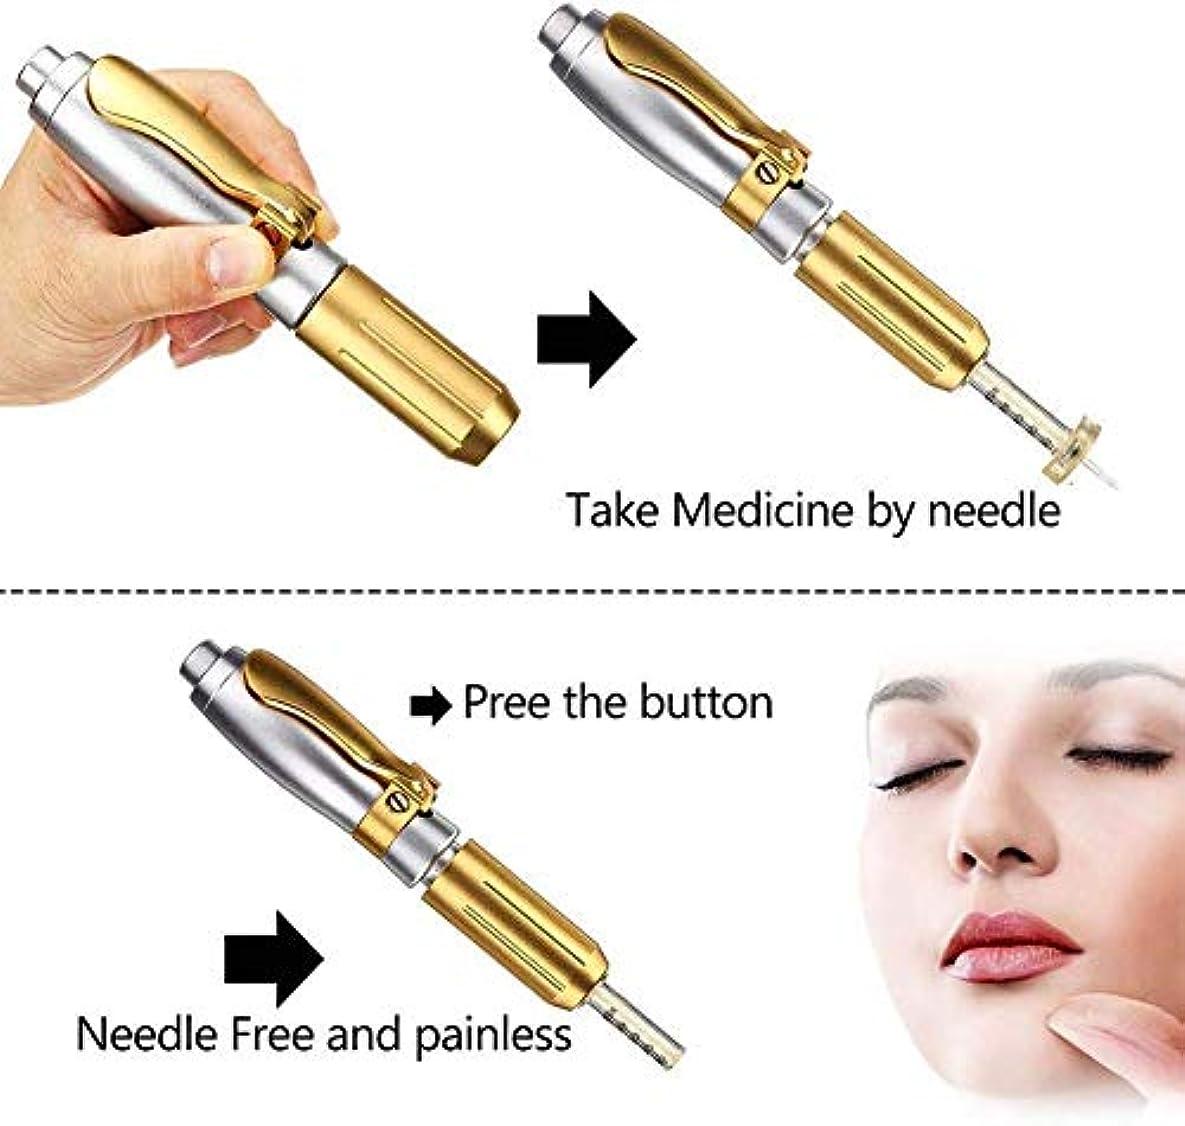 どきどき乗り出すホラーヒアルロンペンスキンケアマシン針なしのヒアルロン注射ペンしわの除去水インジェクターアトマイザー肌の若返り